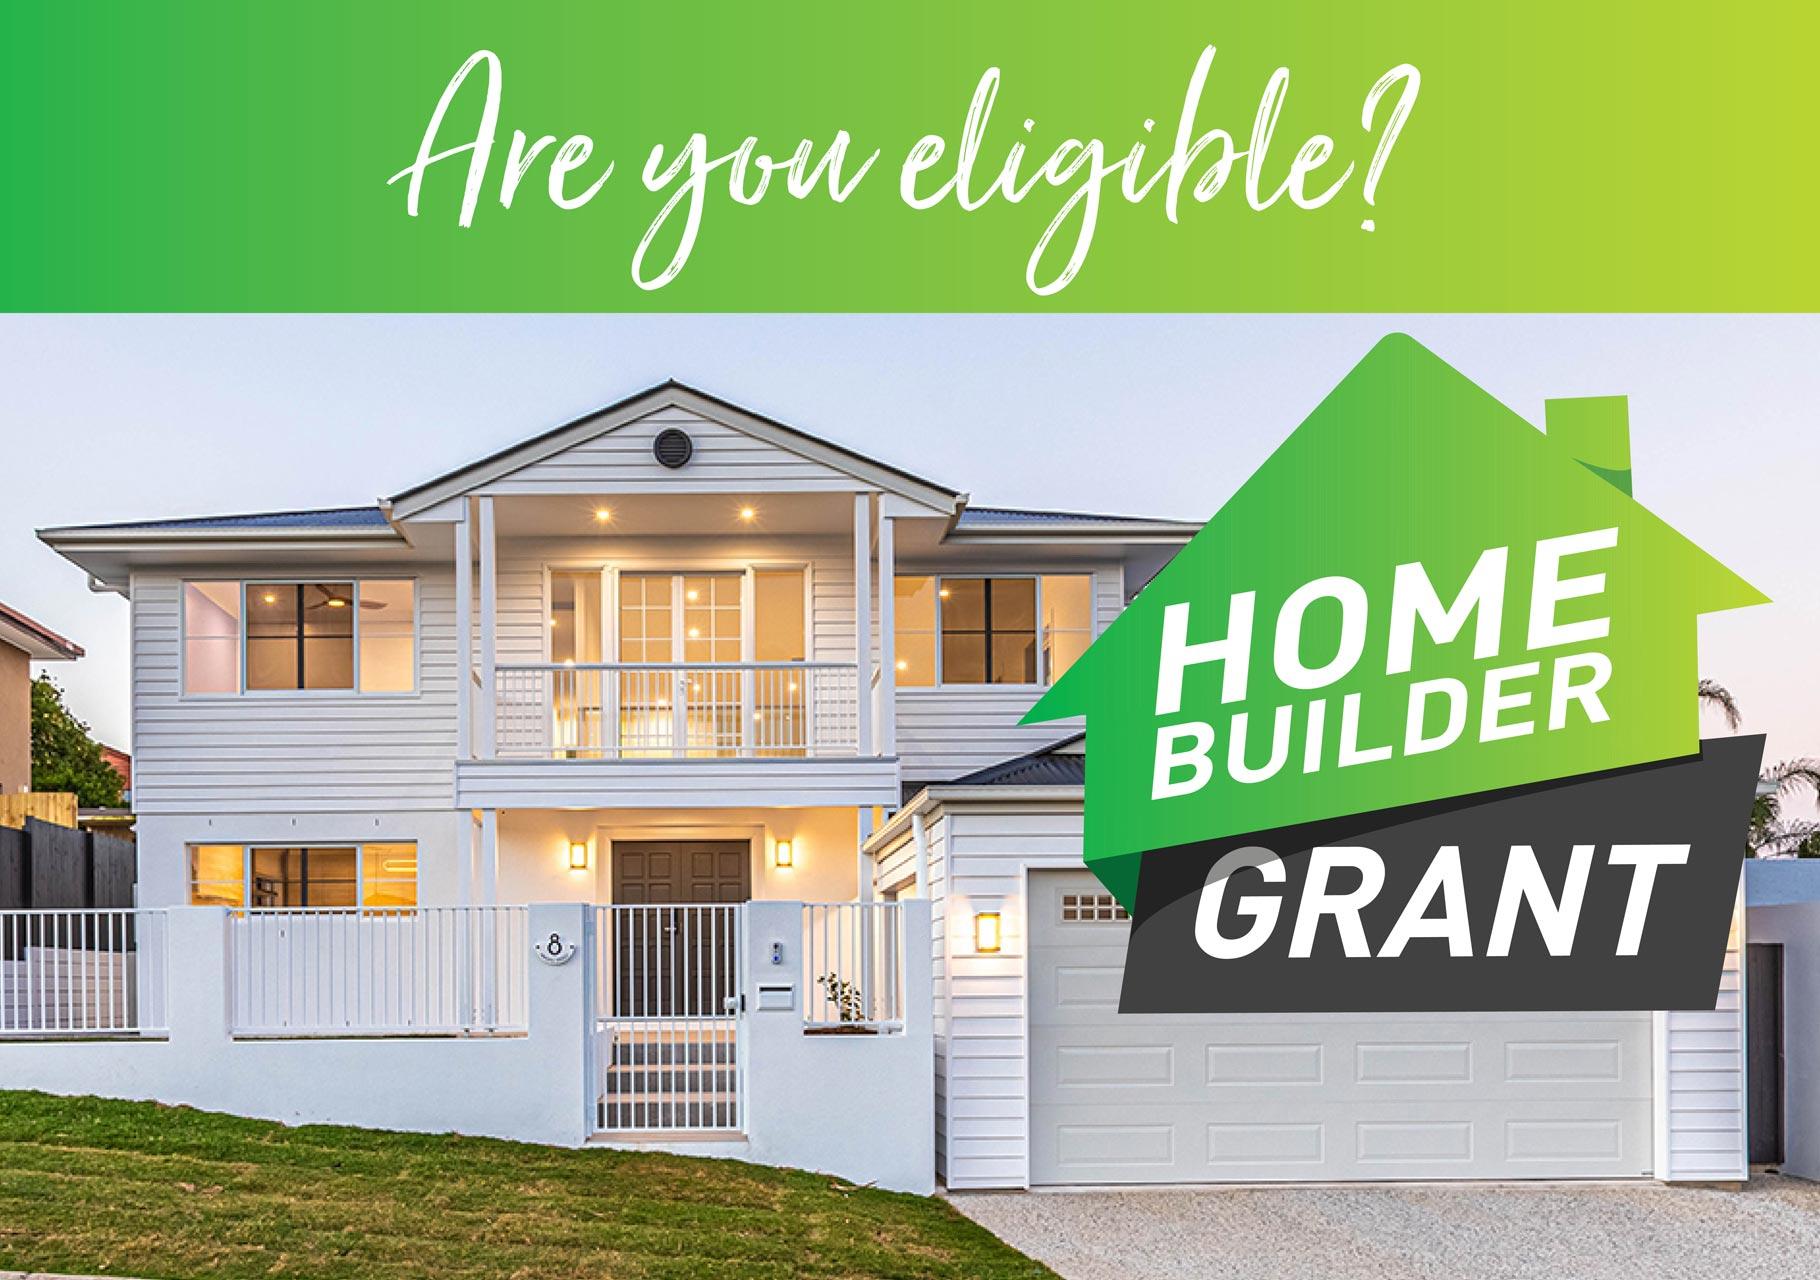 01-homebuilder-grant-dec-2020-mobile-banner-1820x1280